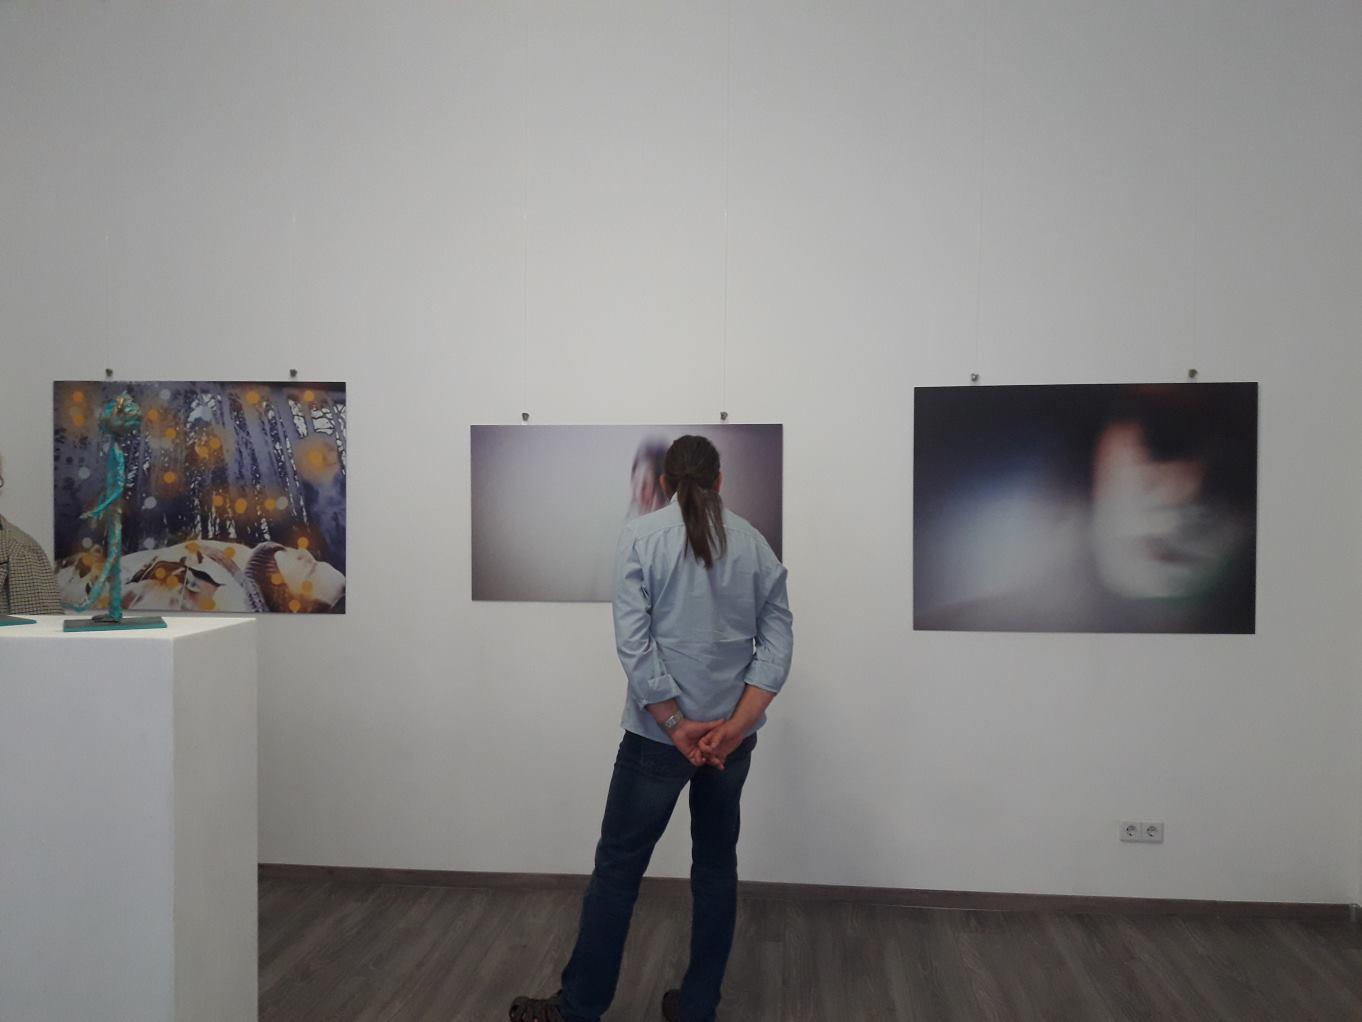 Ausstellung Berlin / Prenzlauer Berg 2019